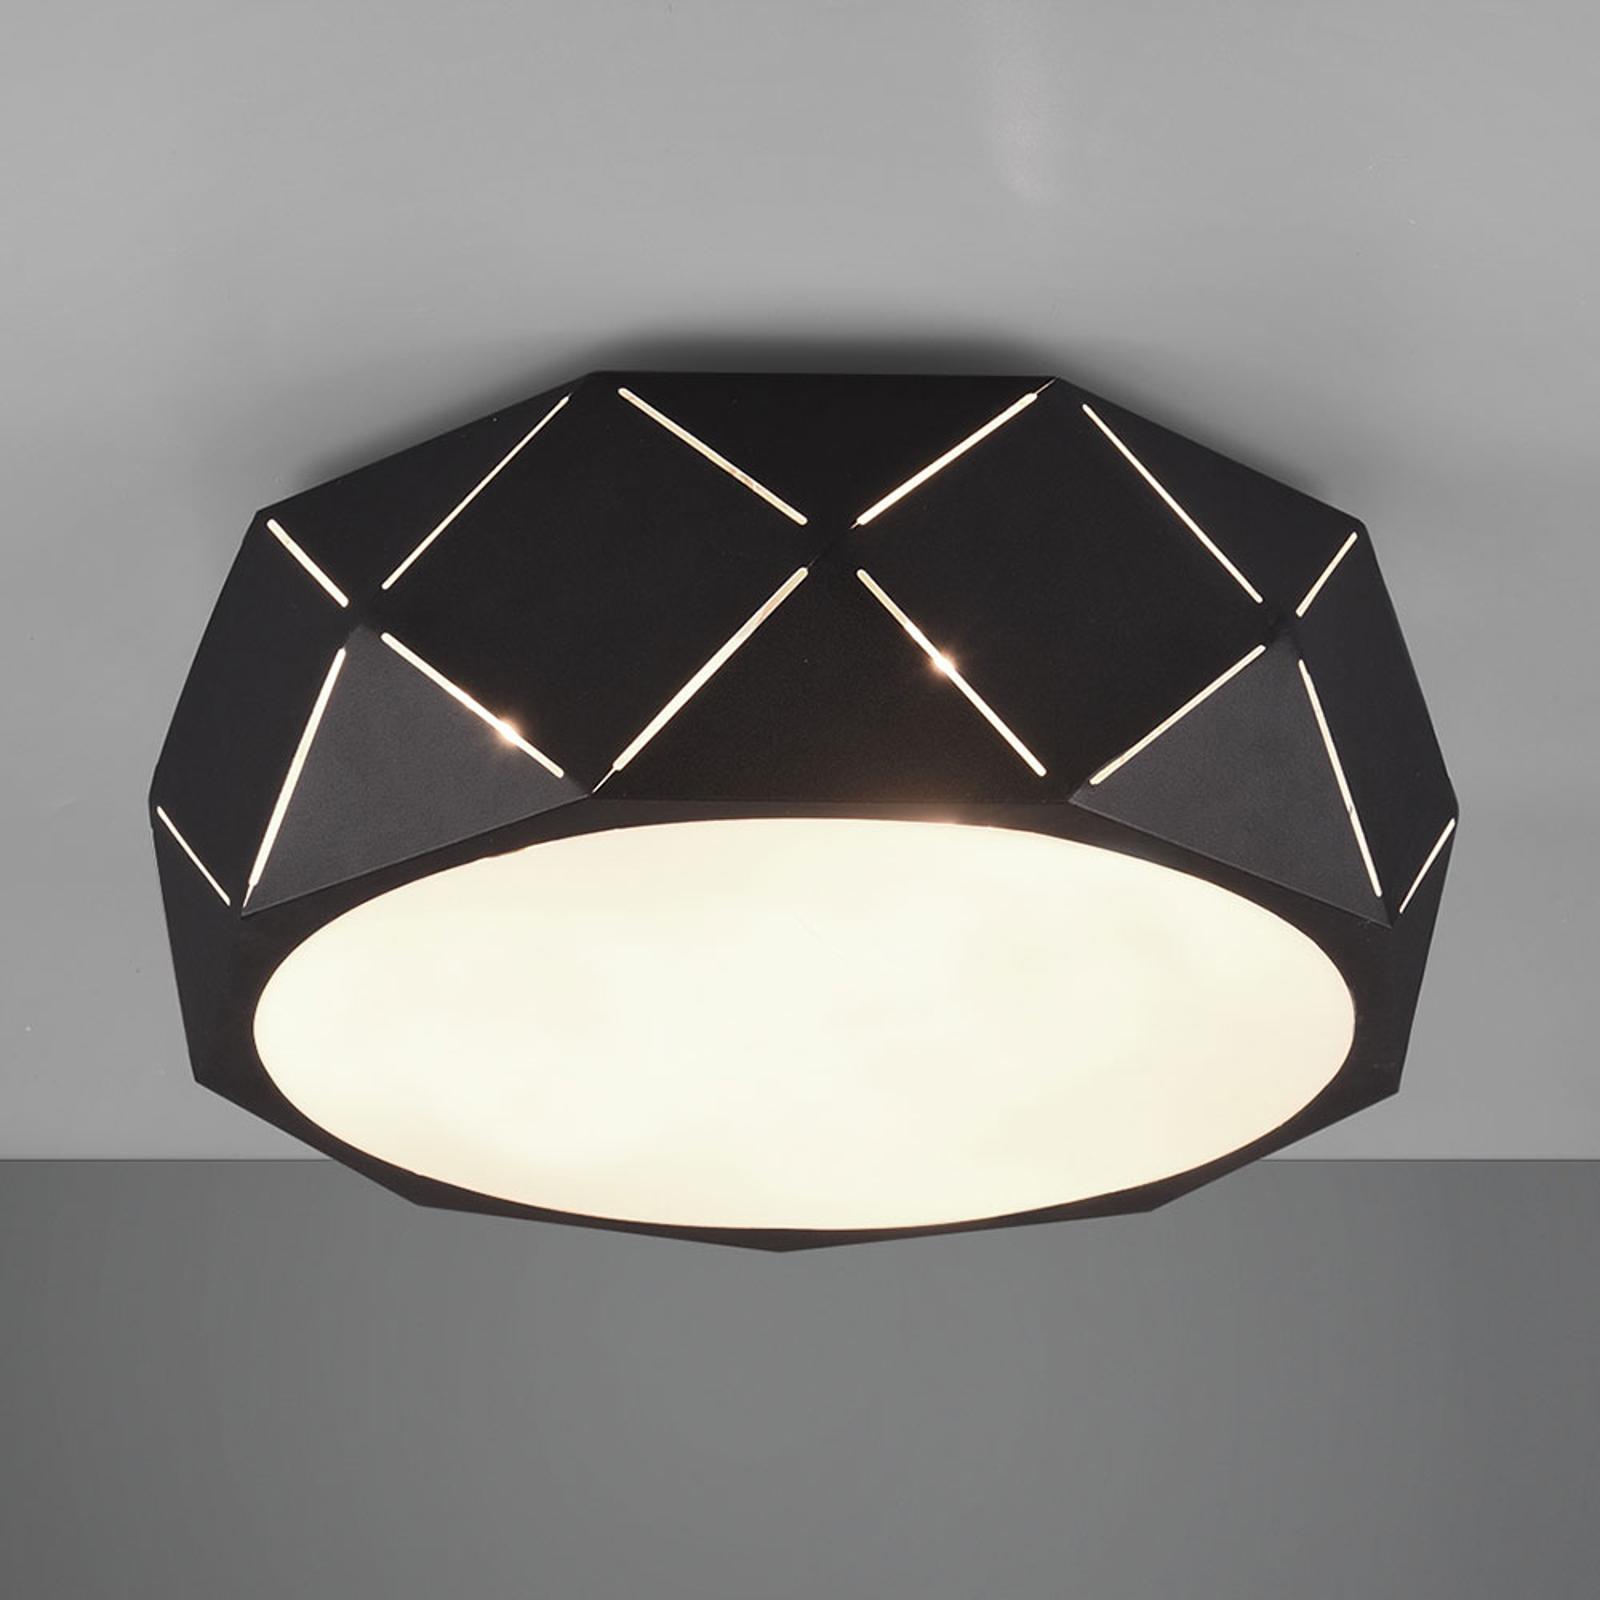 Lampa sufitowa Zandor z czarnym kloszem